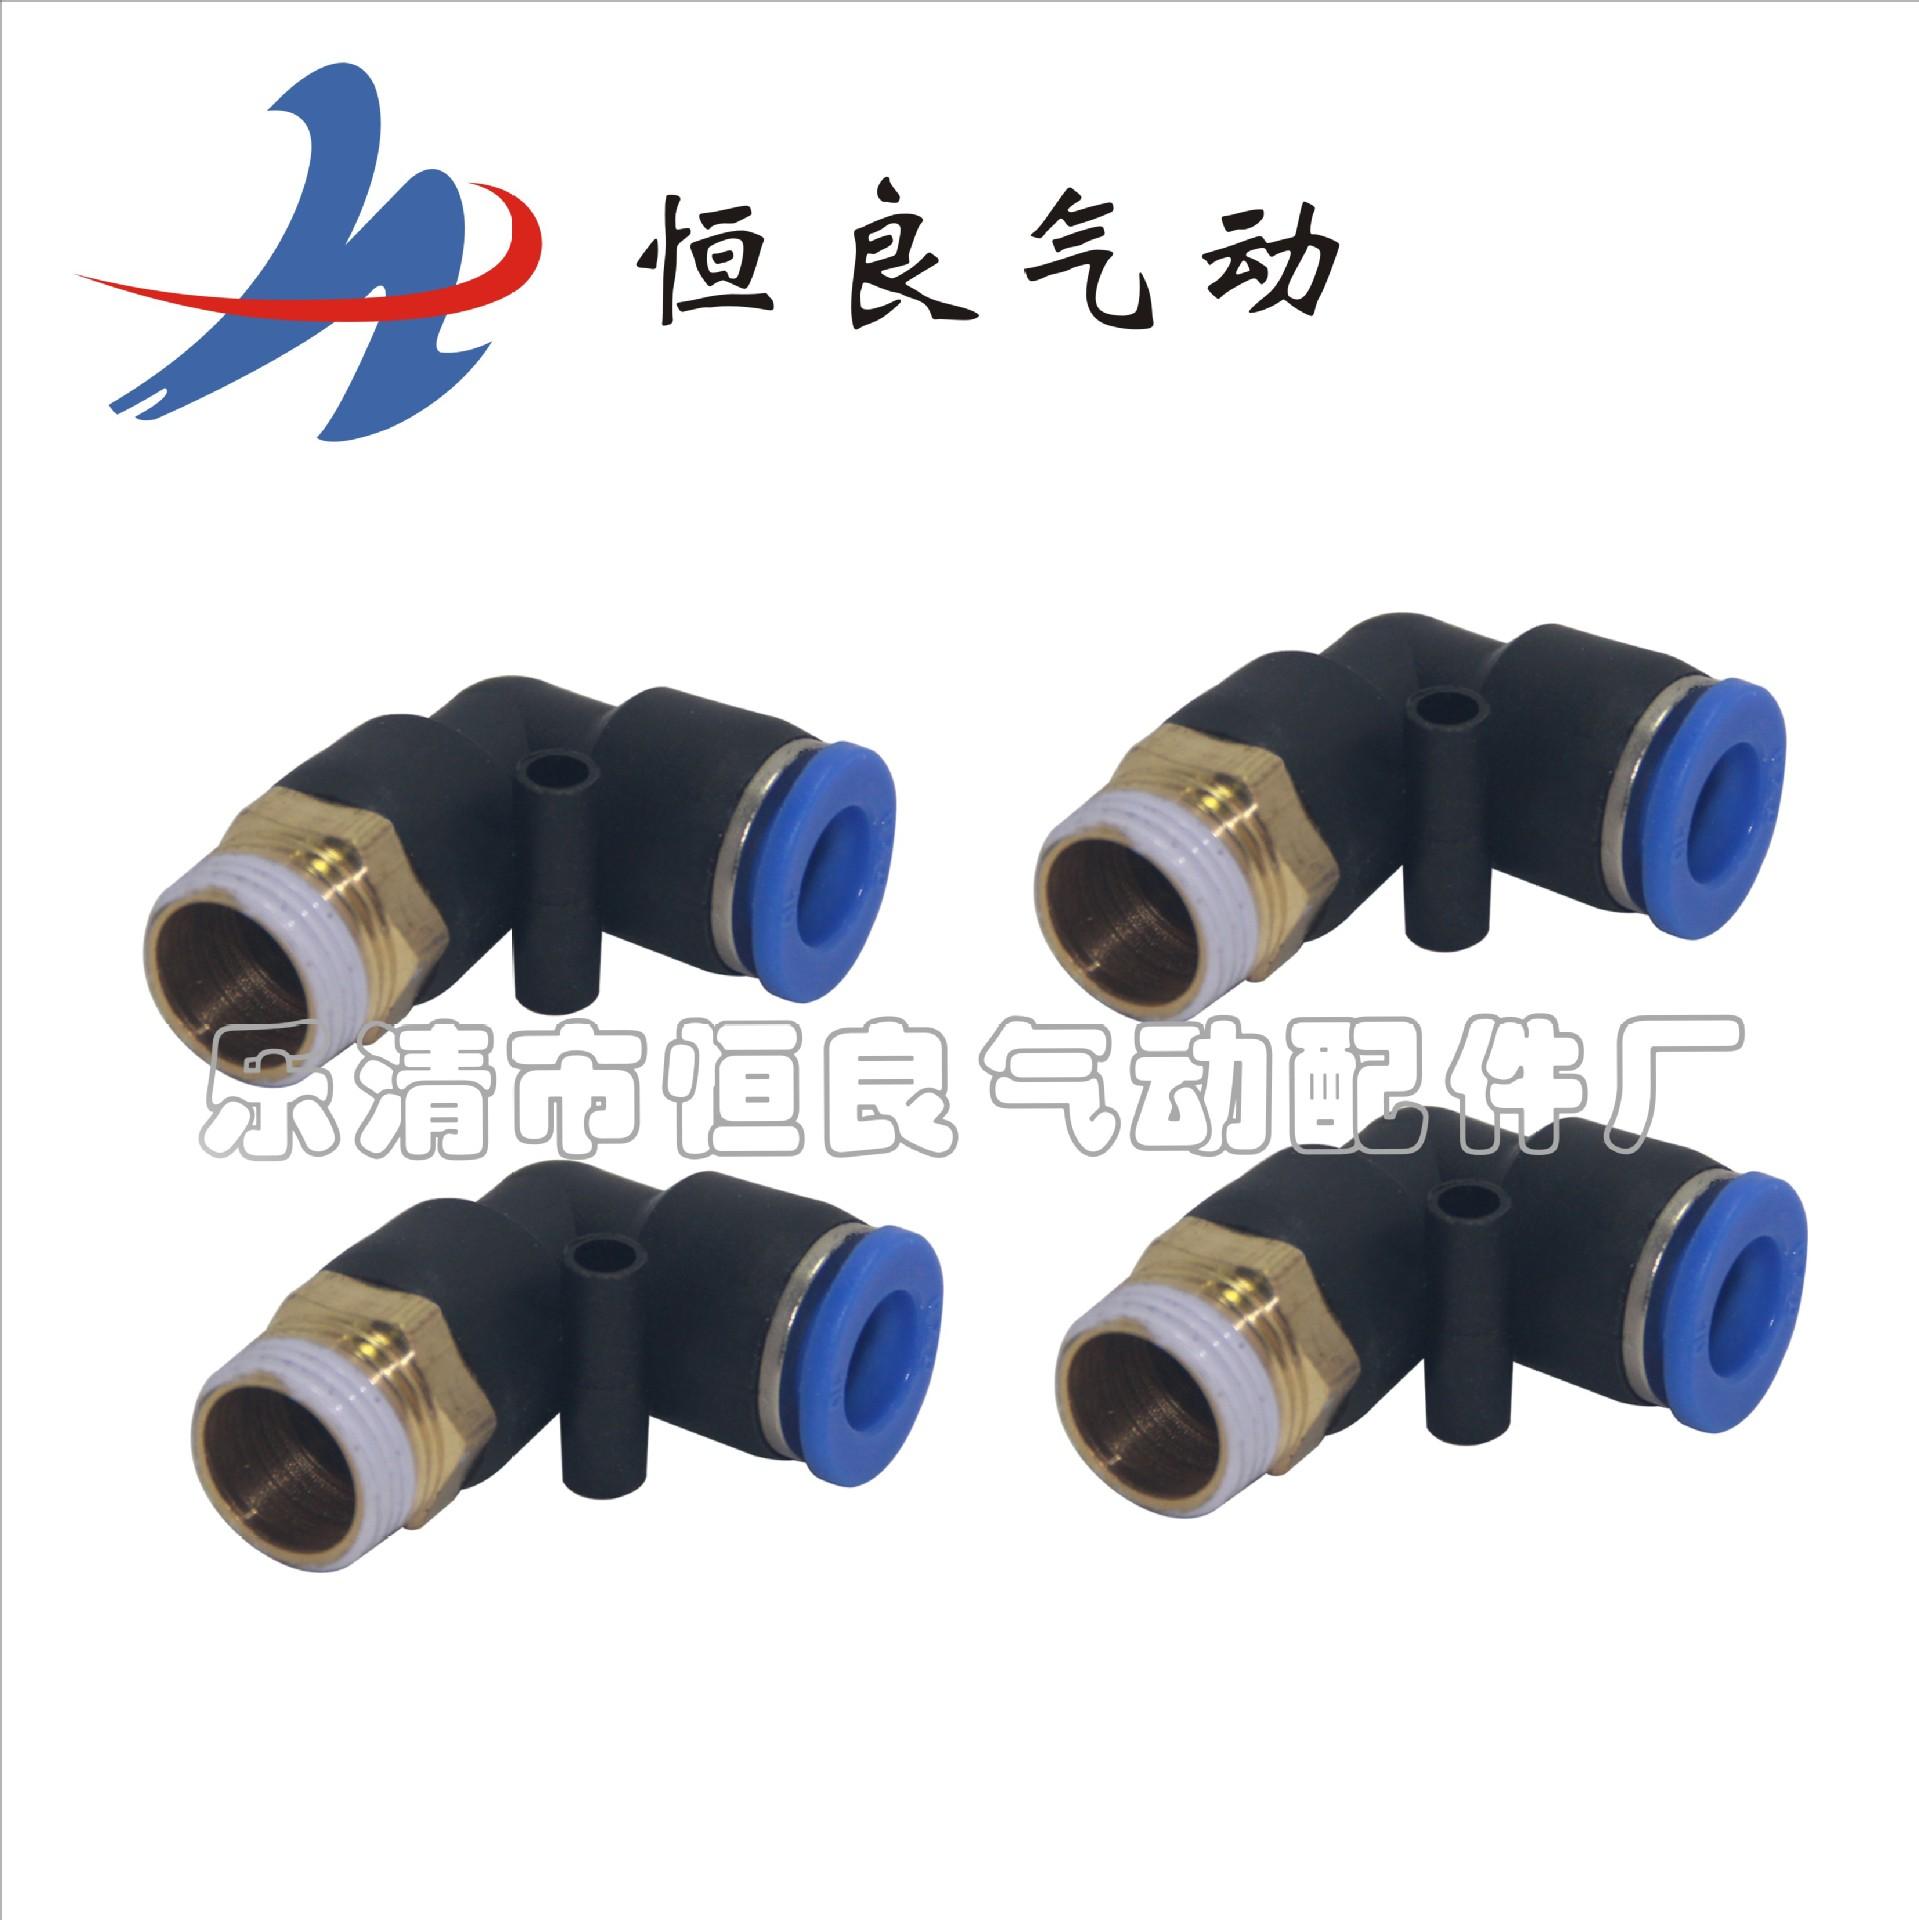 厂家直销 优质 气动元件 快插气管接头螺纹弯通PL气动接头